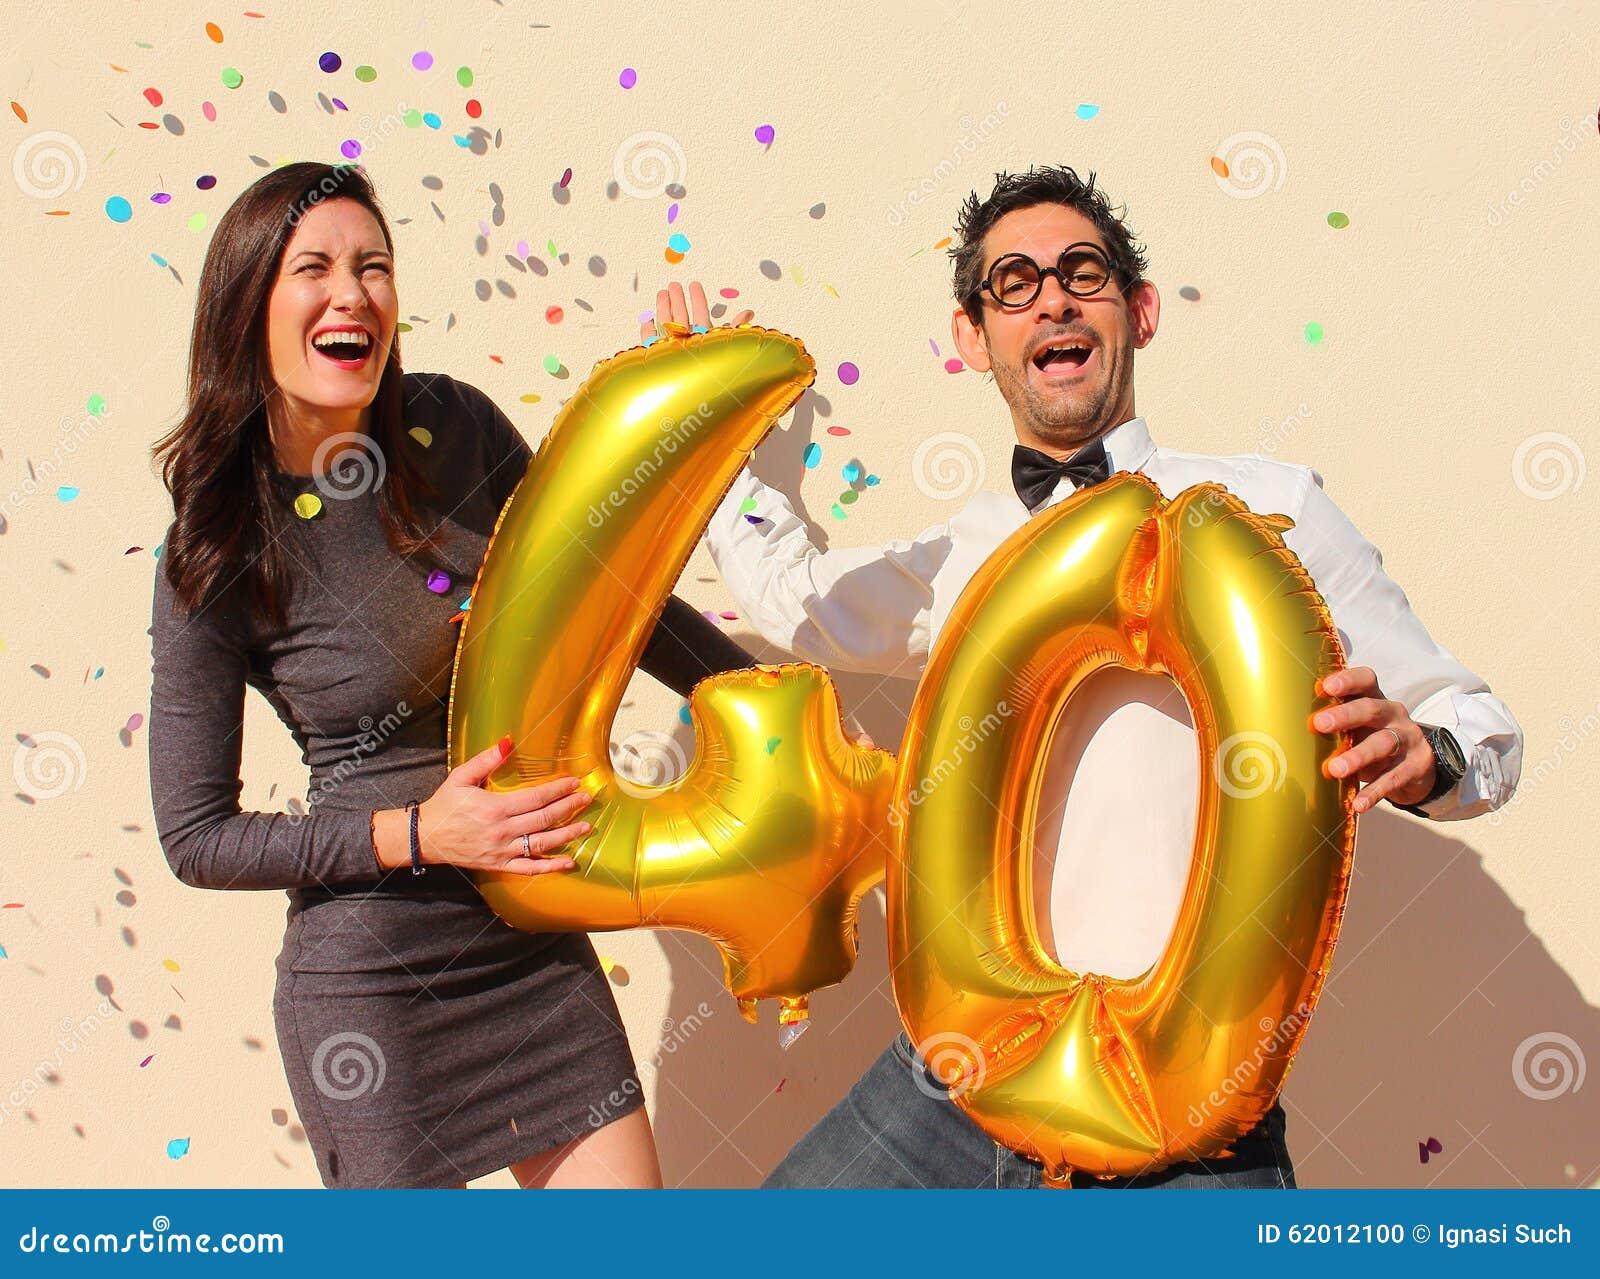 Rozochocona para świętuje czterdzieści rok urodzinowych z dużymi złotymi balonami i kolorowymi małymi kawałkami papieru w powietr